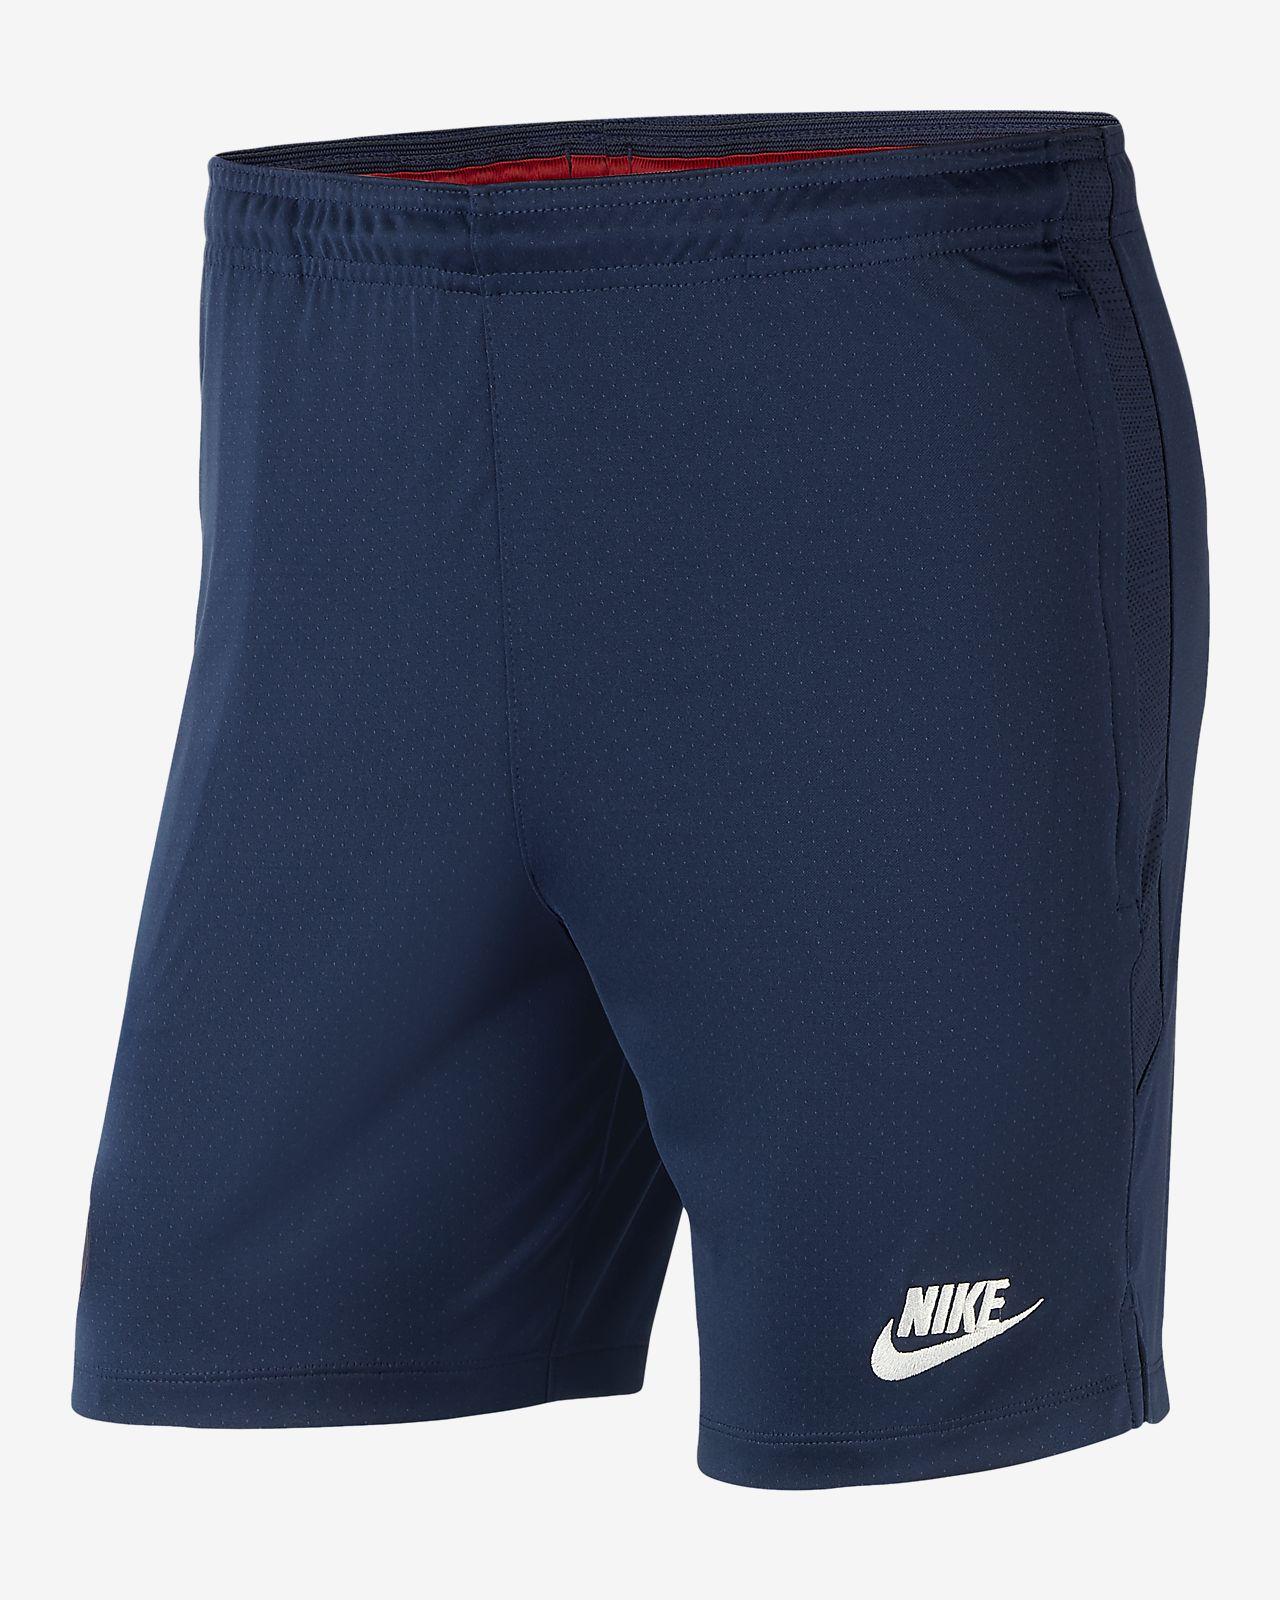 Pánské fotbalové kraťasy Nike Dri-FIT Paris Saint-Germain Strike